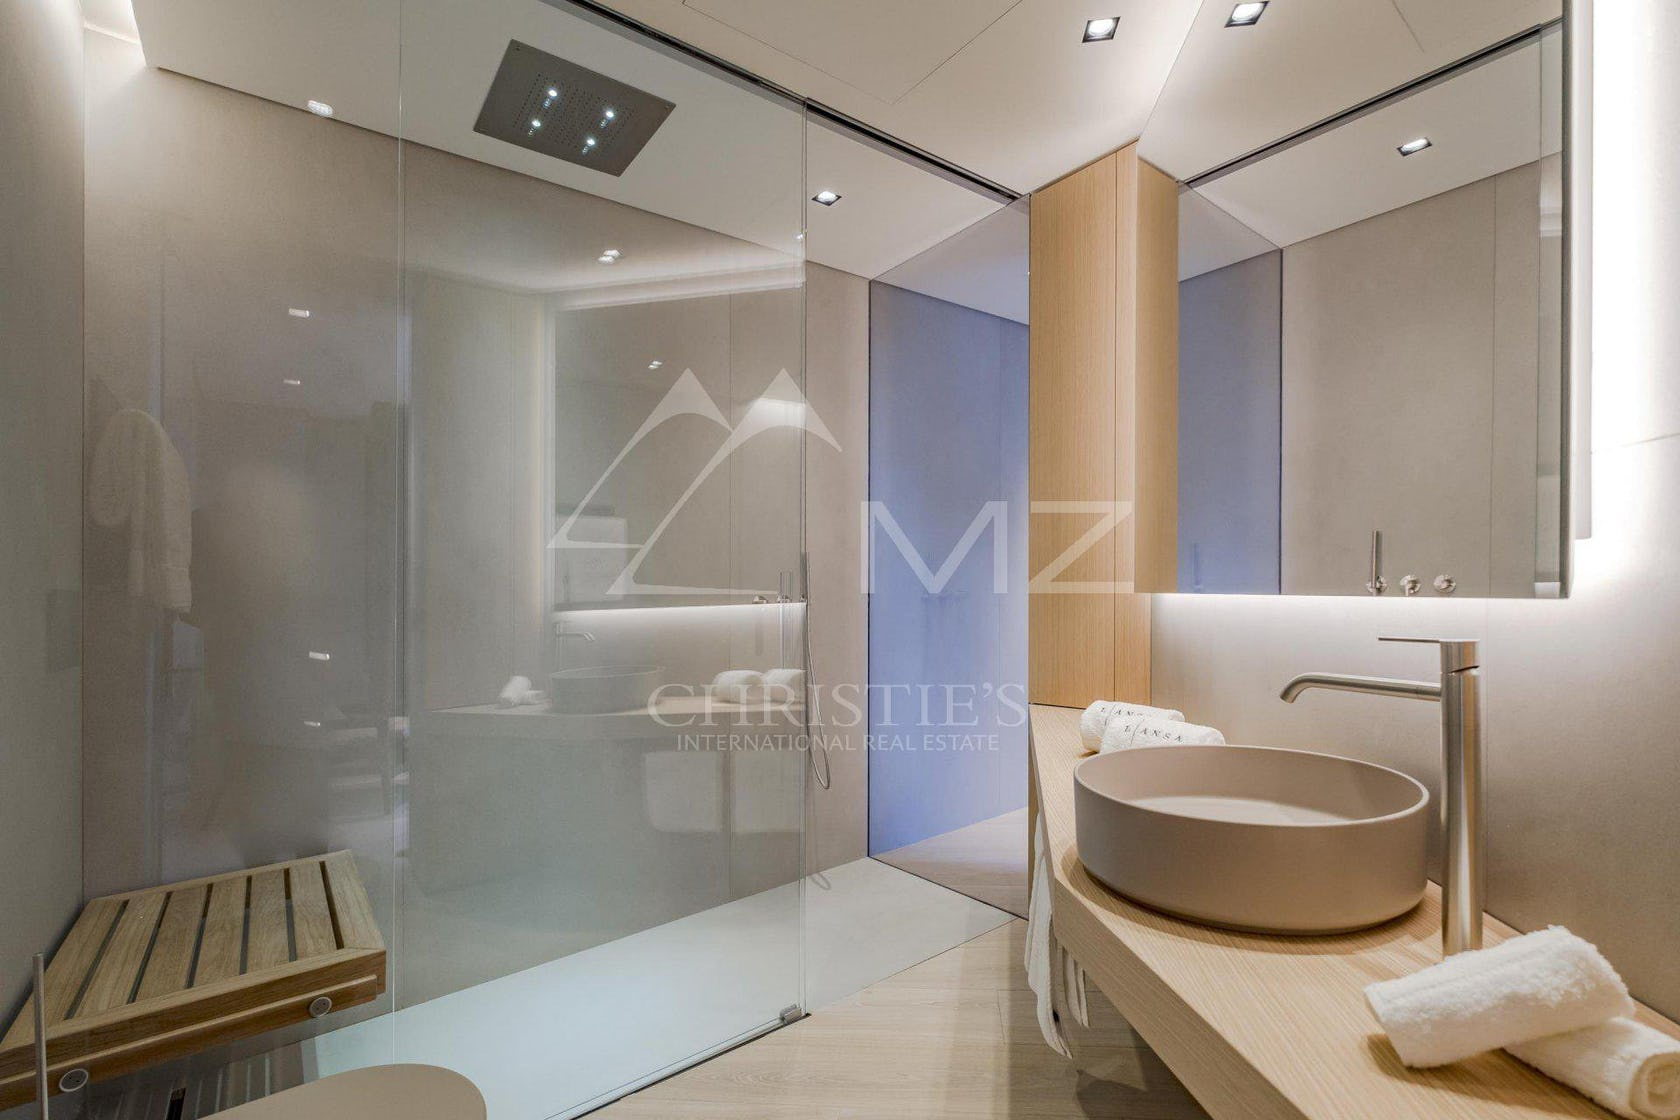 indoors room interior design